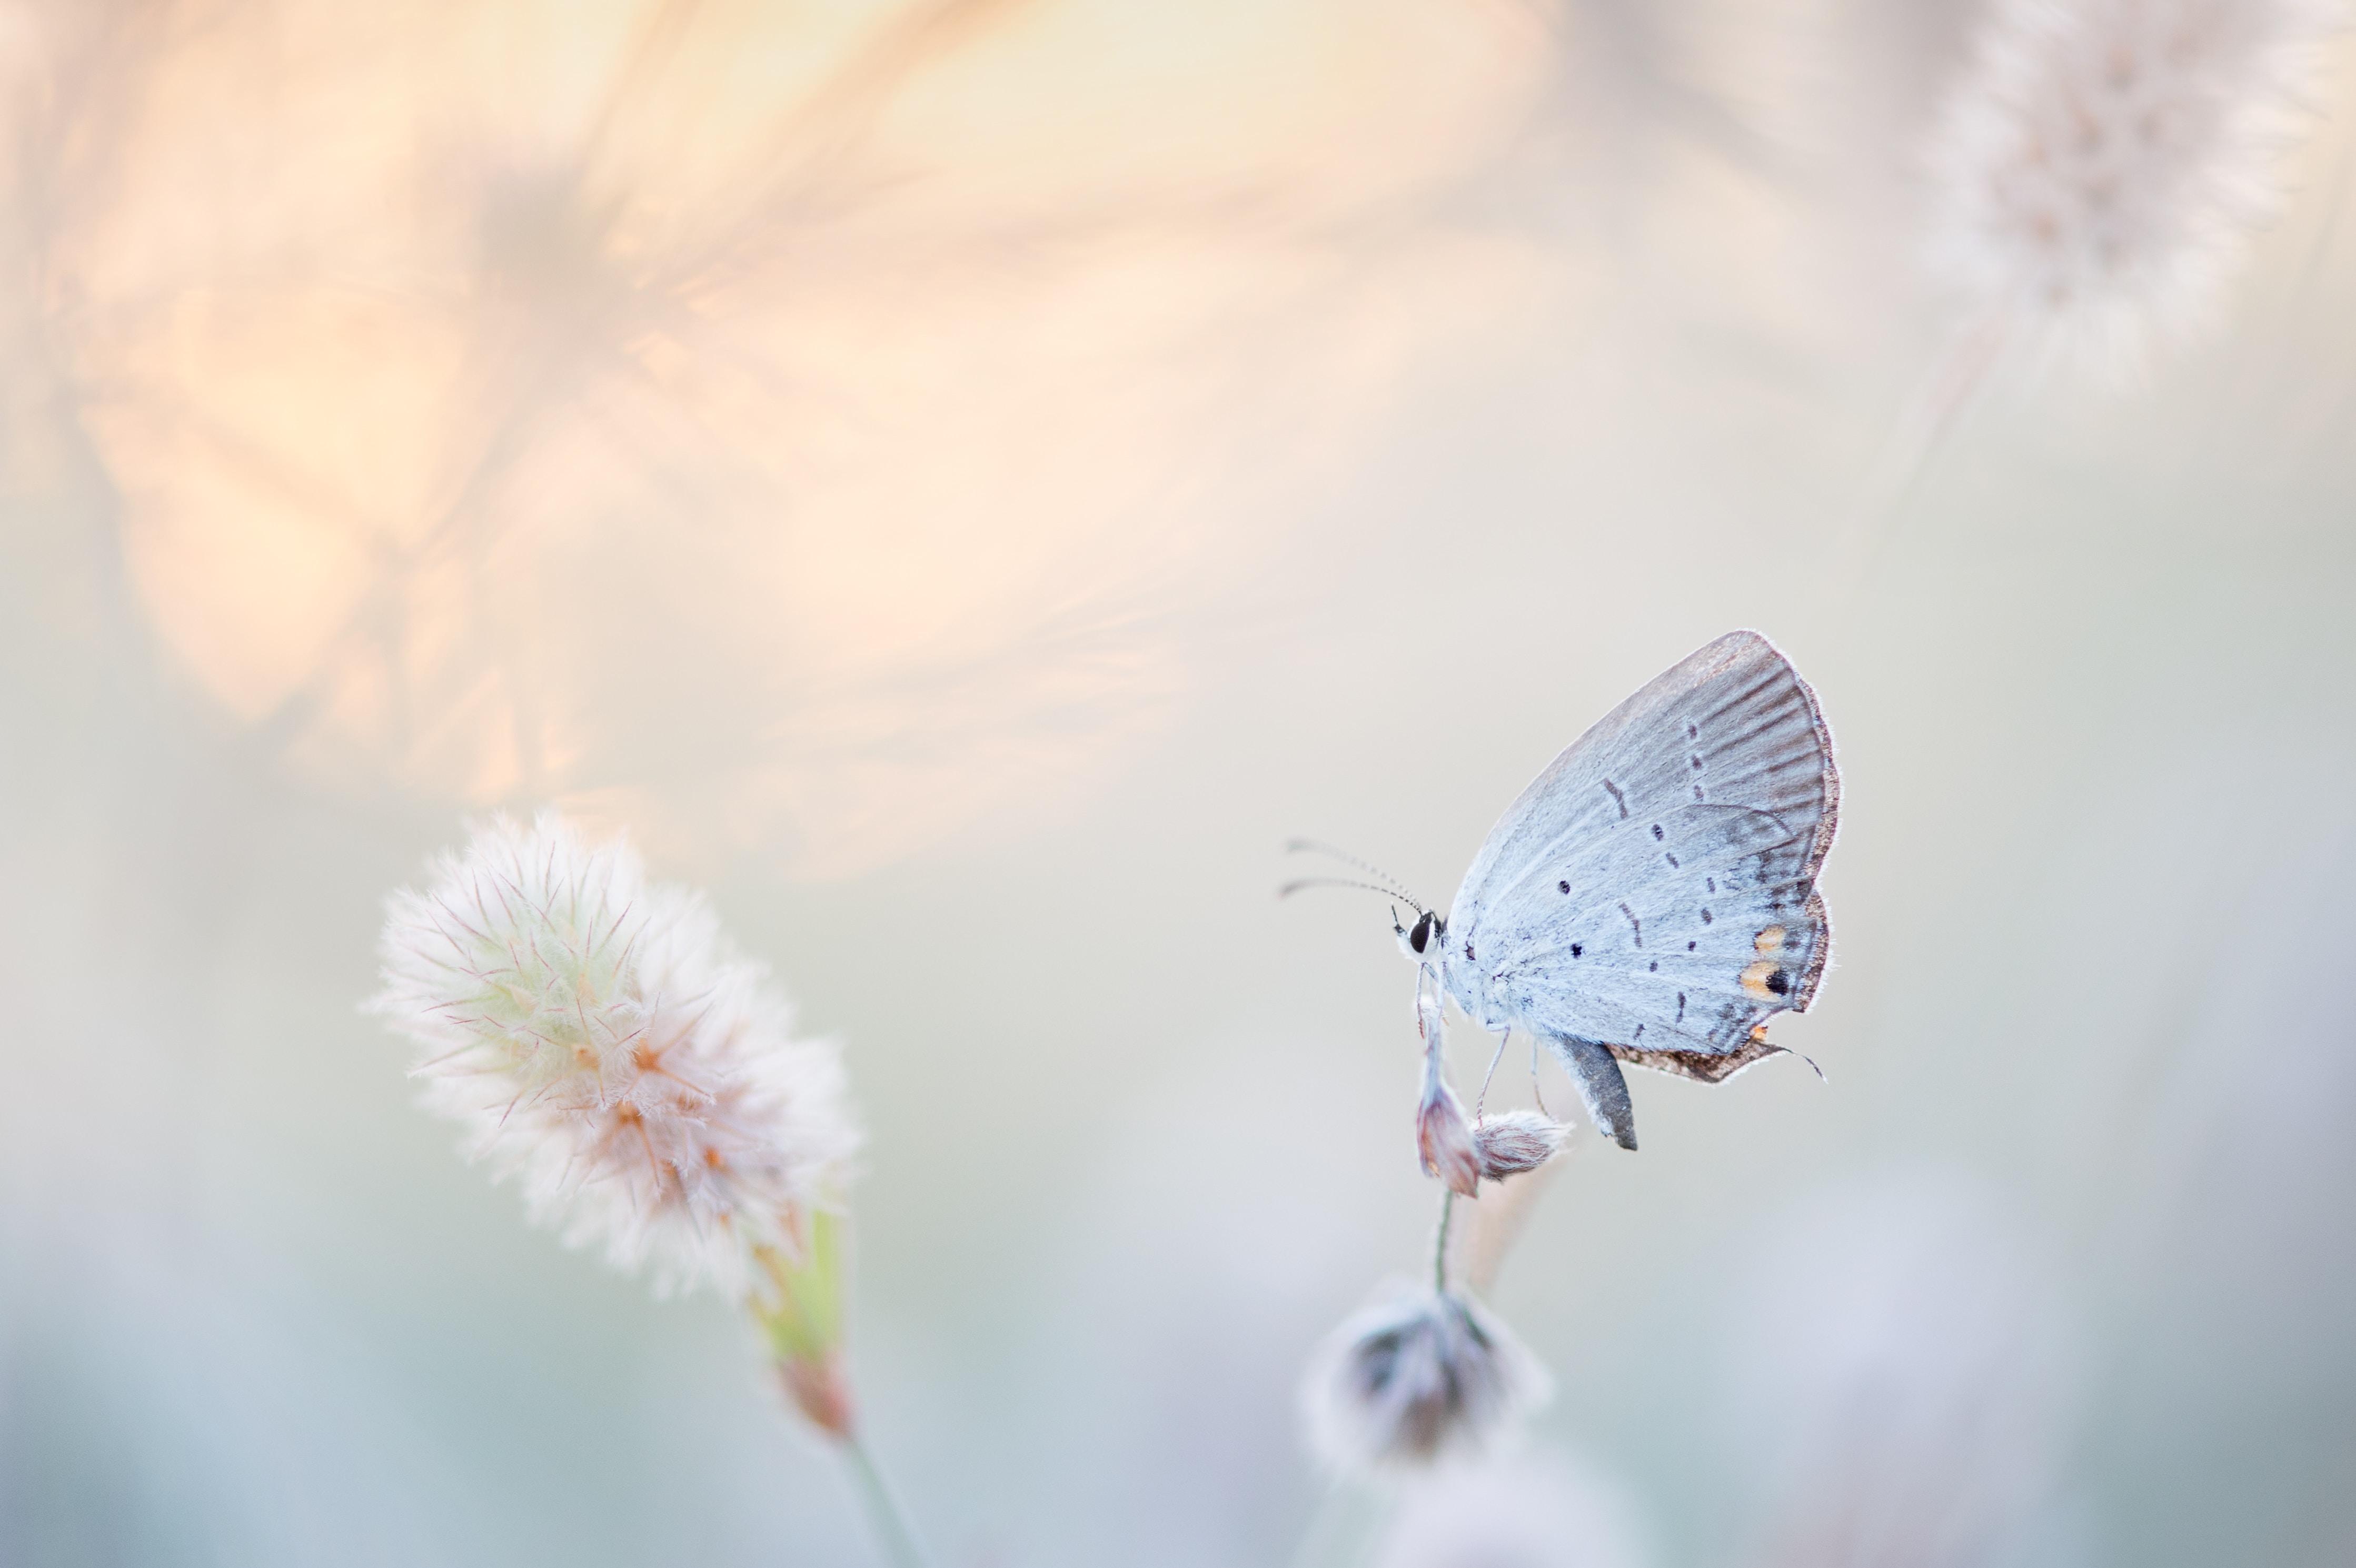 (Français) Le déclin des insectes plus important que prévu?